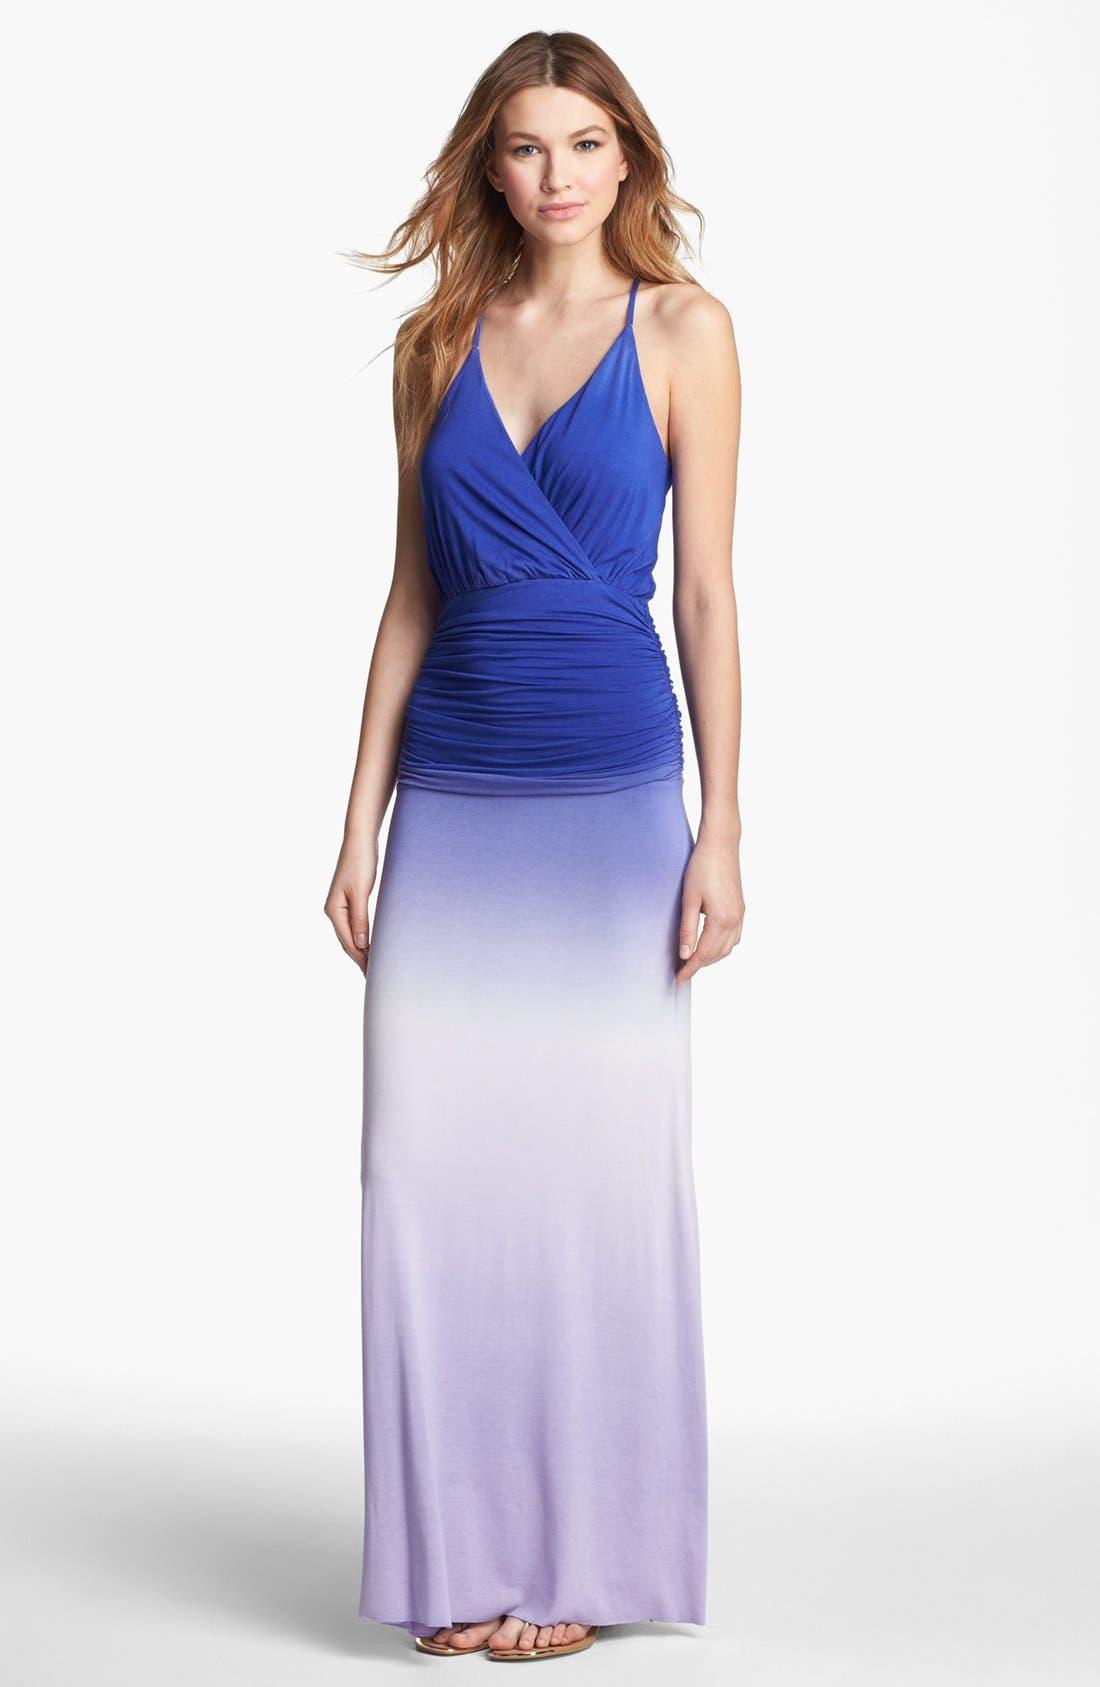 Main Image - Young, Fabulous & Broke 'Hattie' Maxi Dress